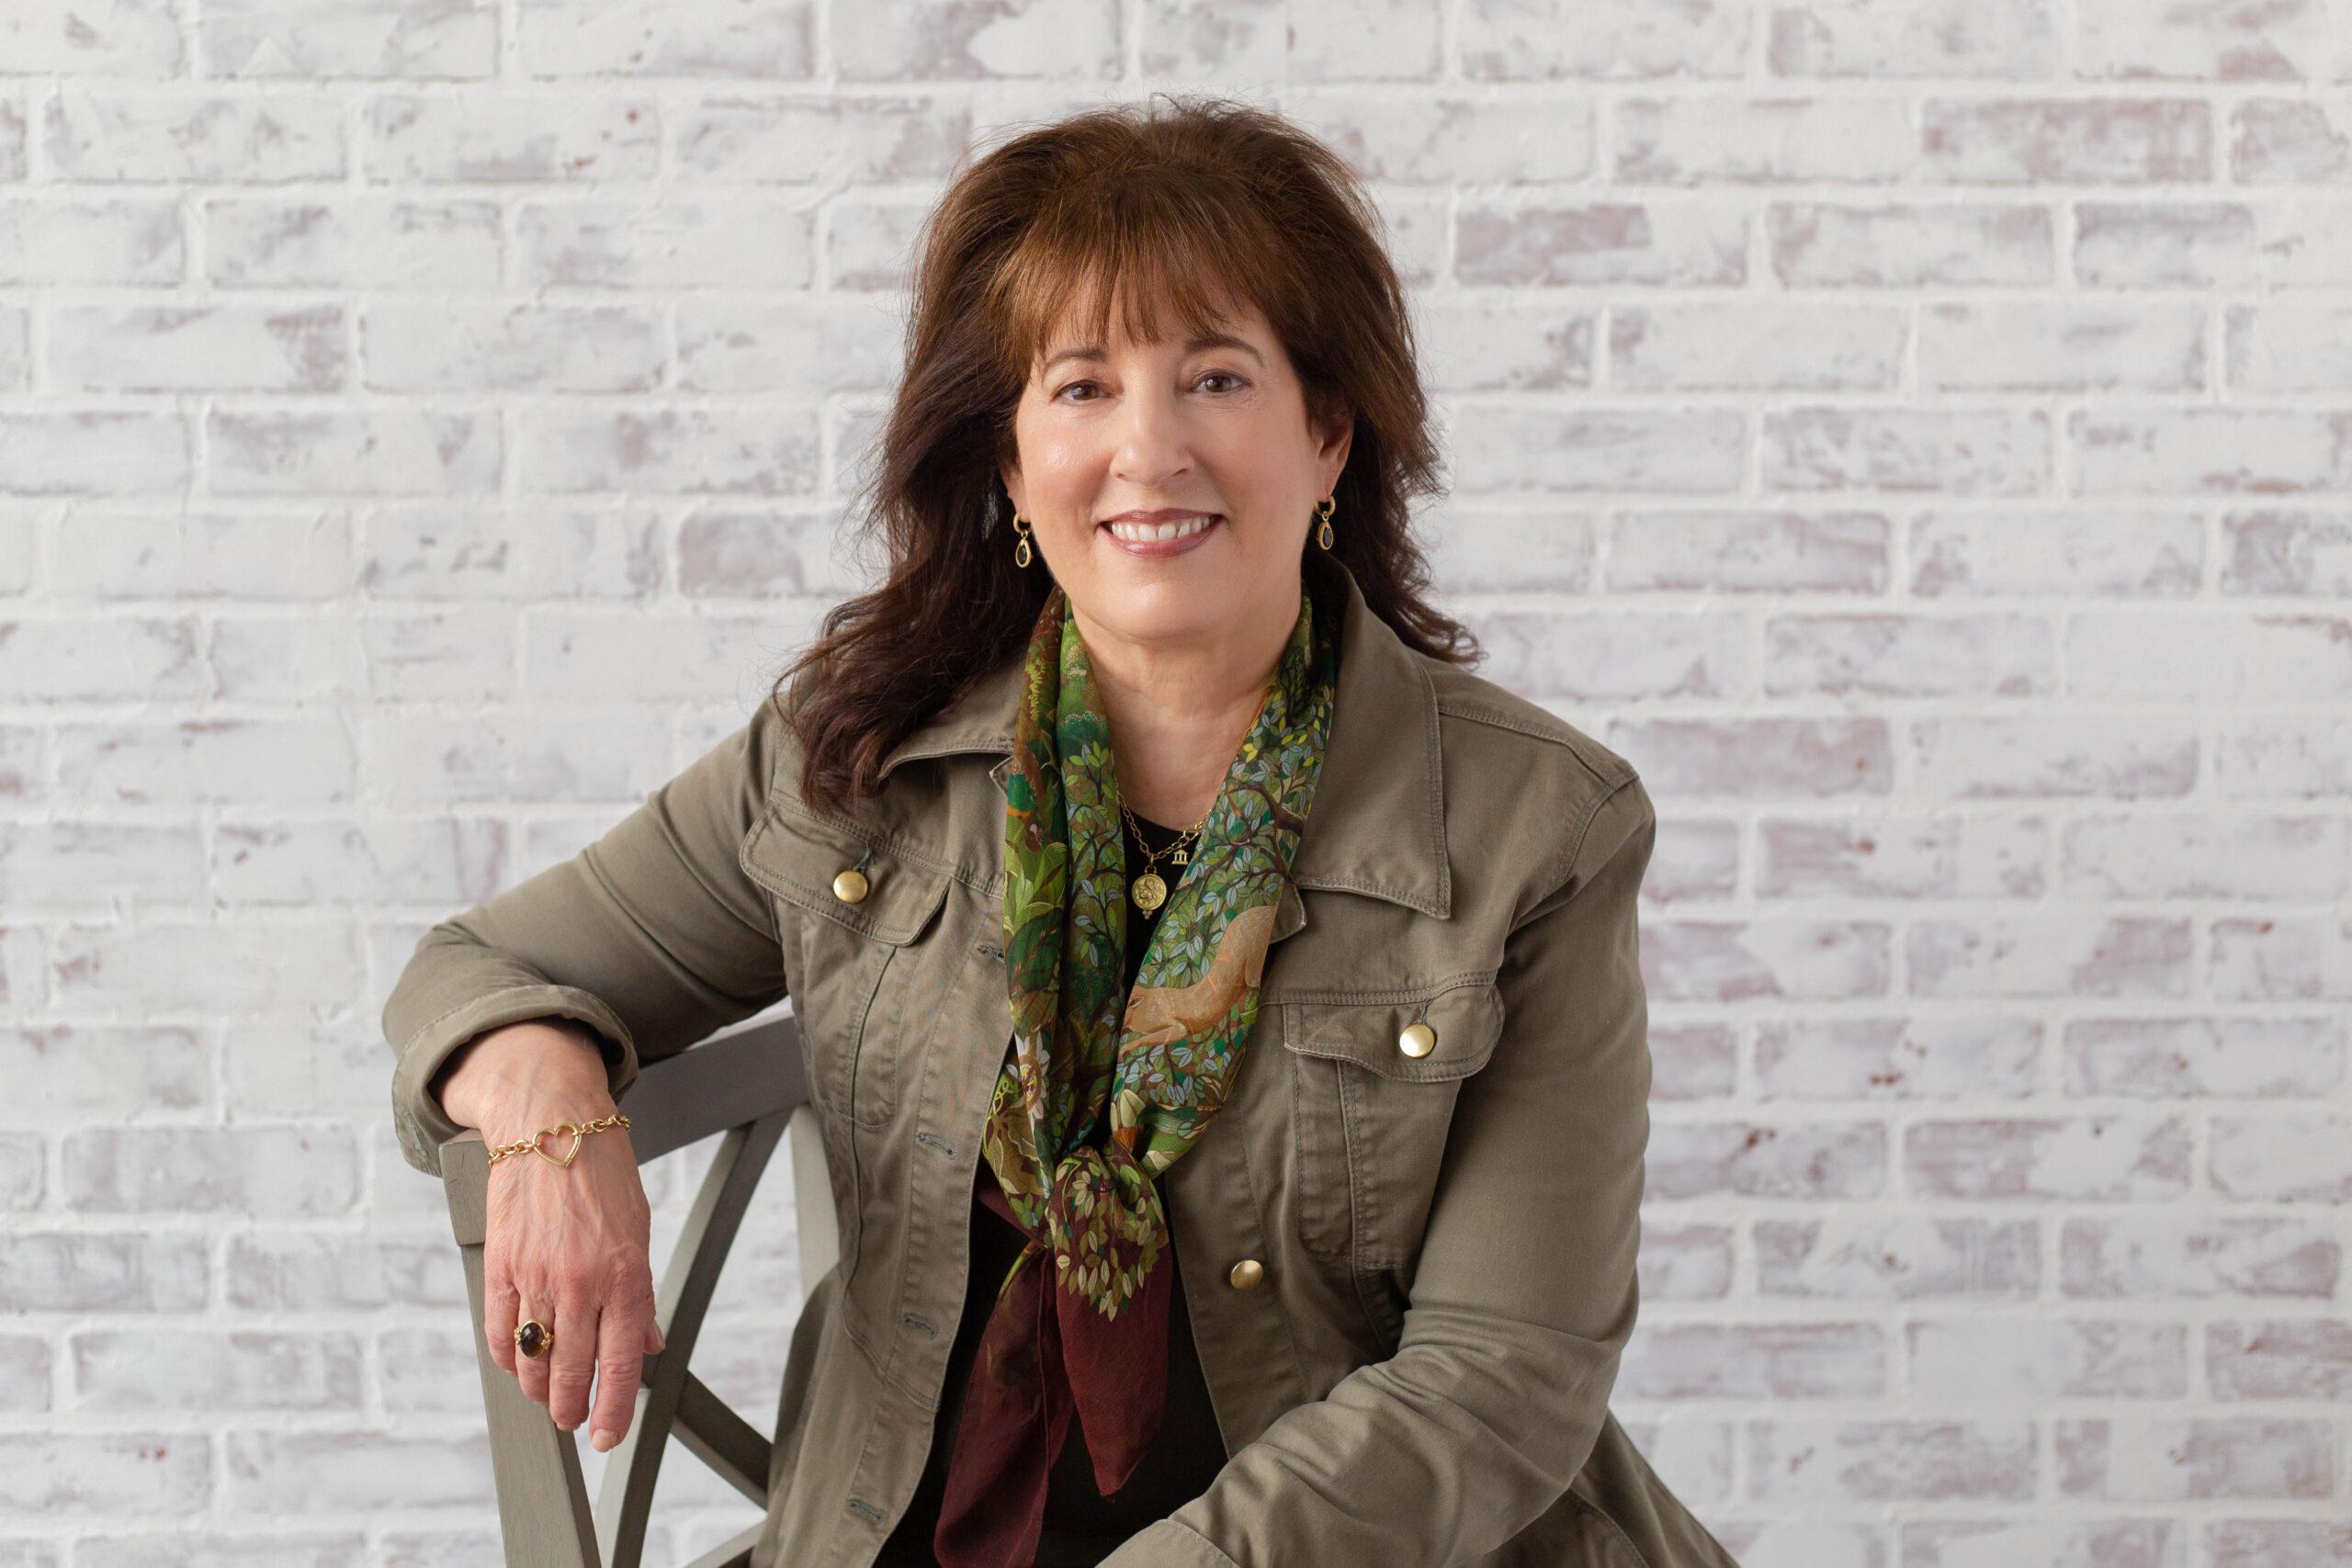 Cynthia Greathouse